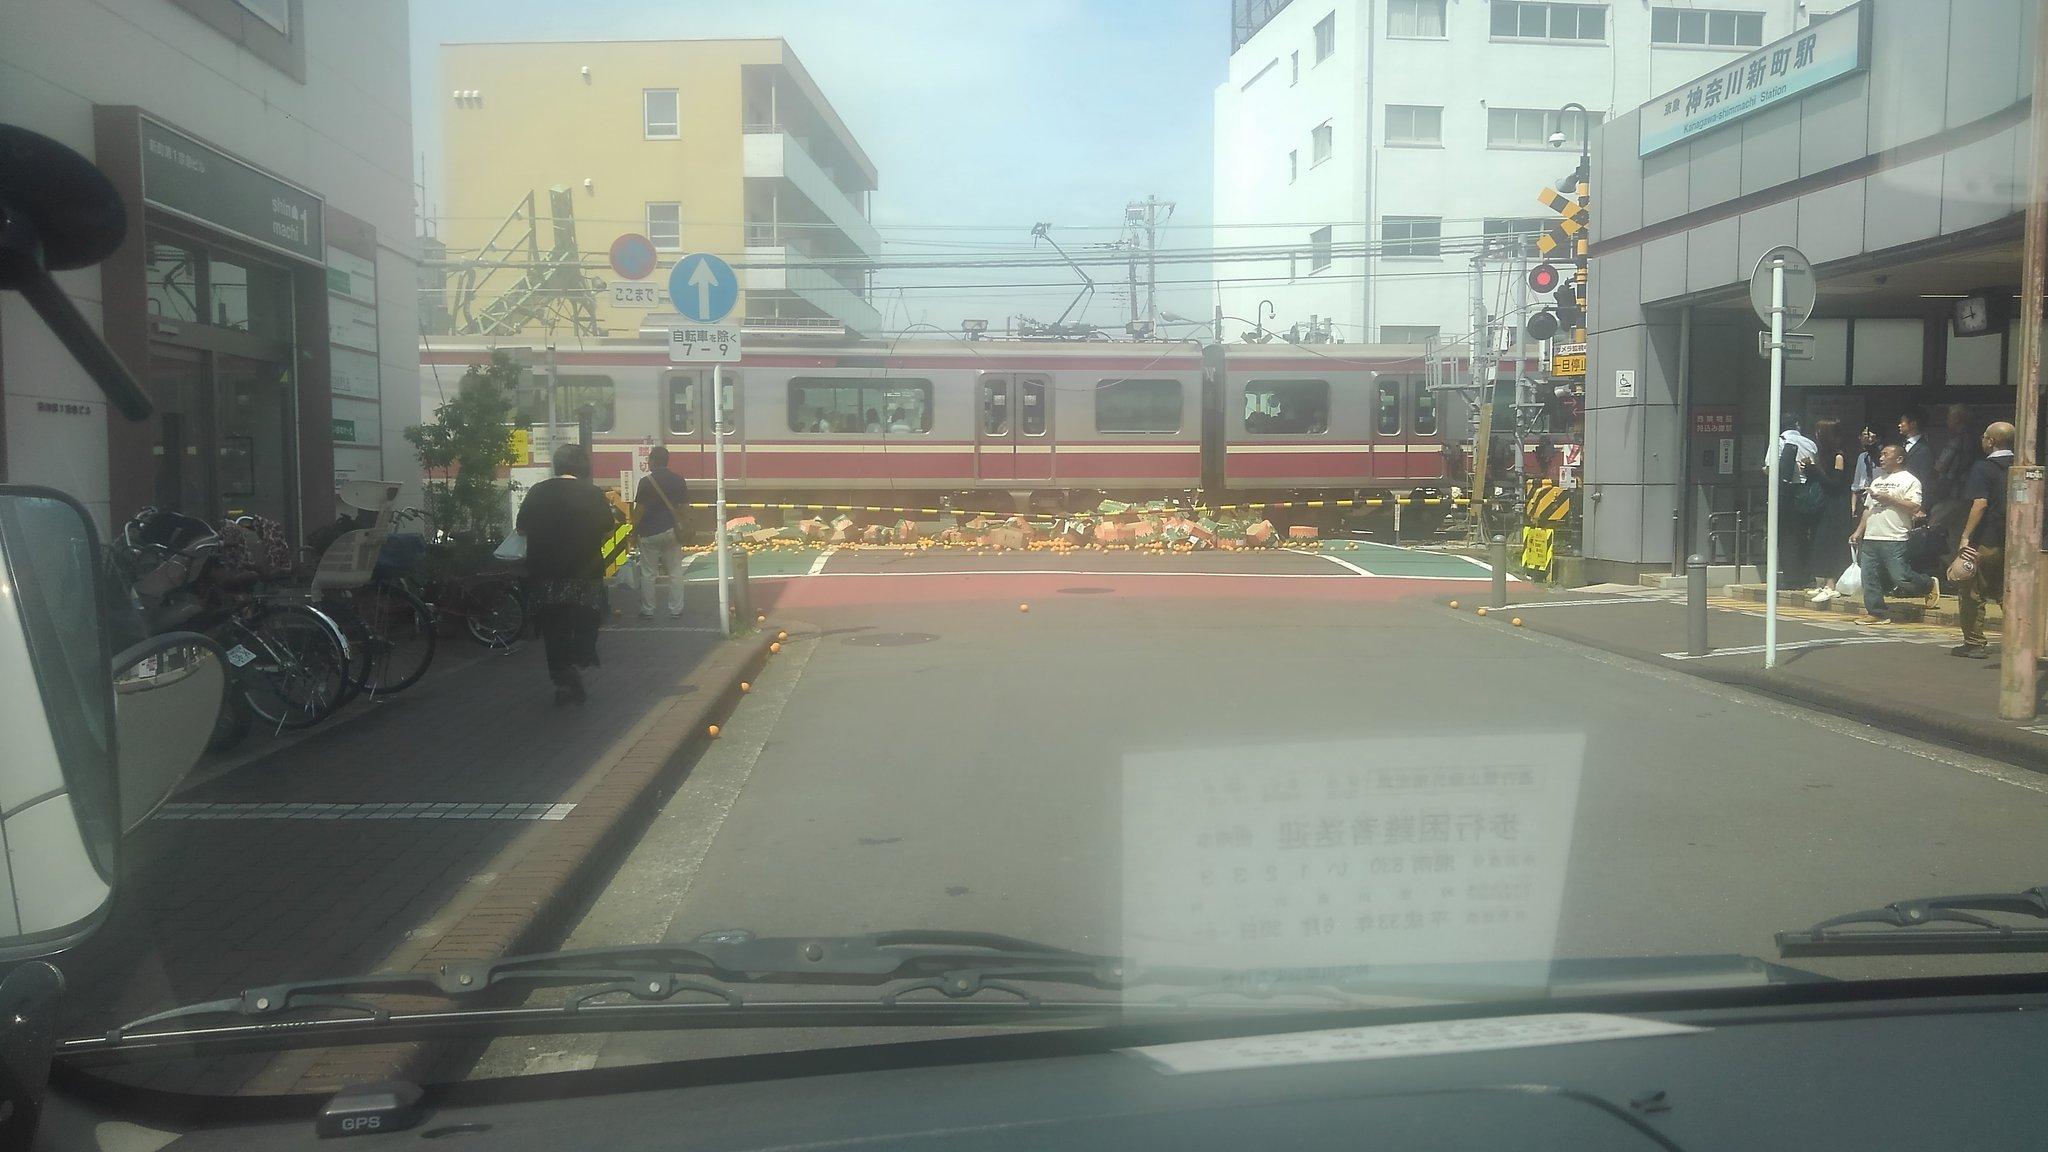 画像,踏み切り待ちしてる目の前でトラックが曲がりきれず「なにしてんだろなー」って思ったら電車突っ込んだ https://t.co/jpP2tDUDMo…